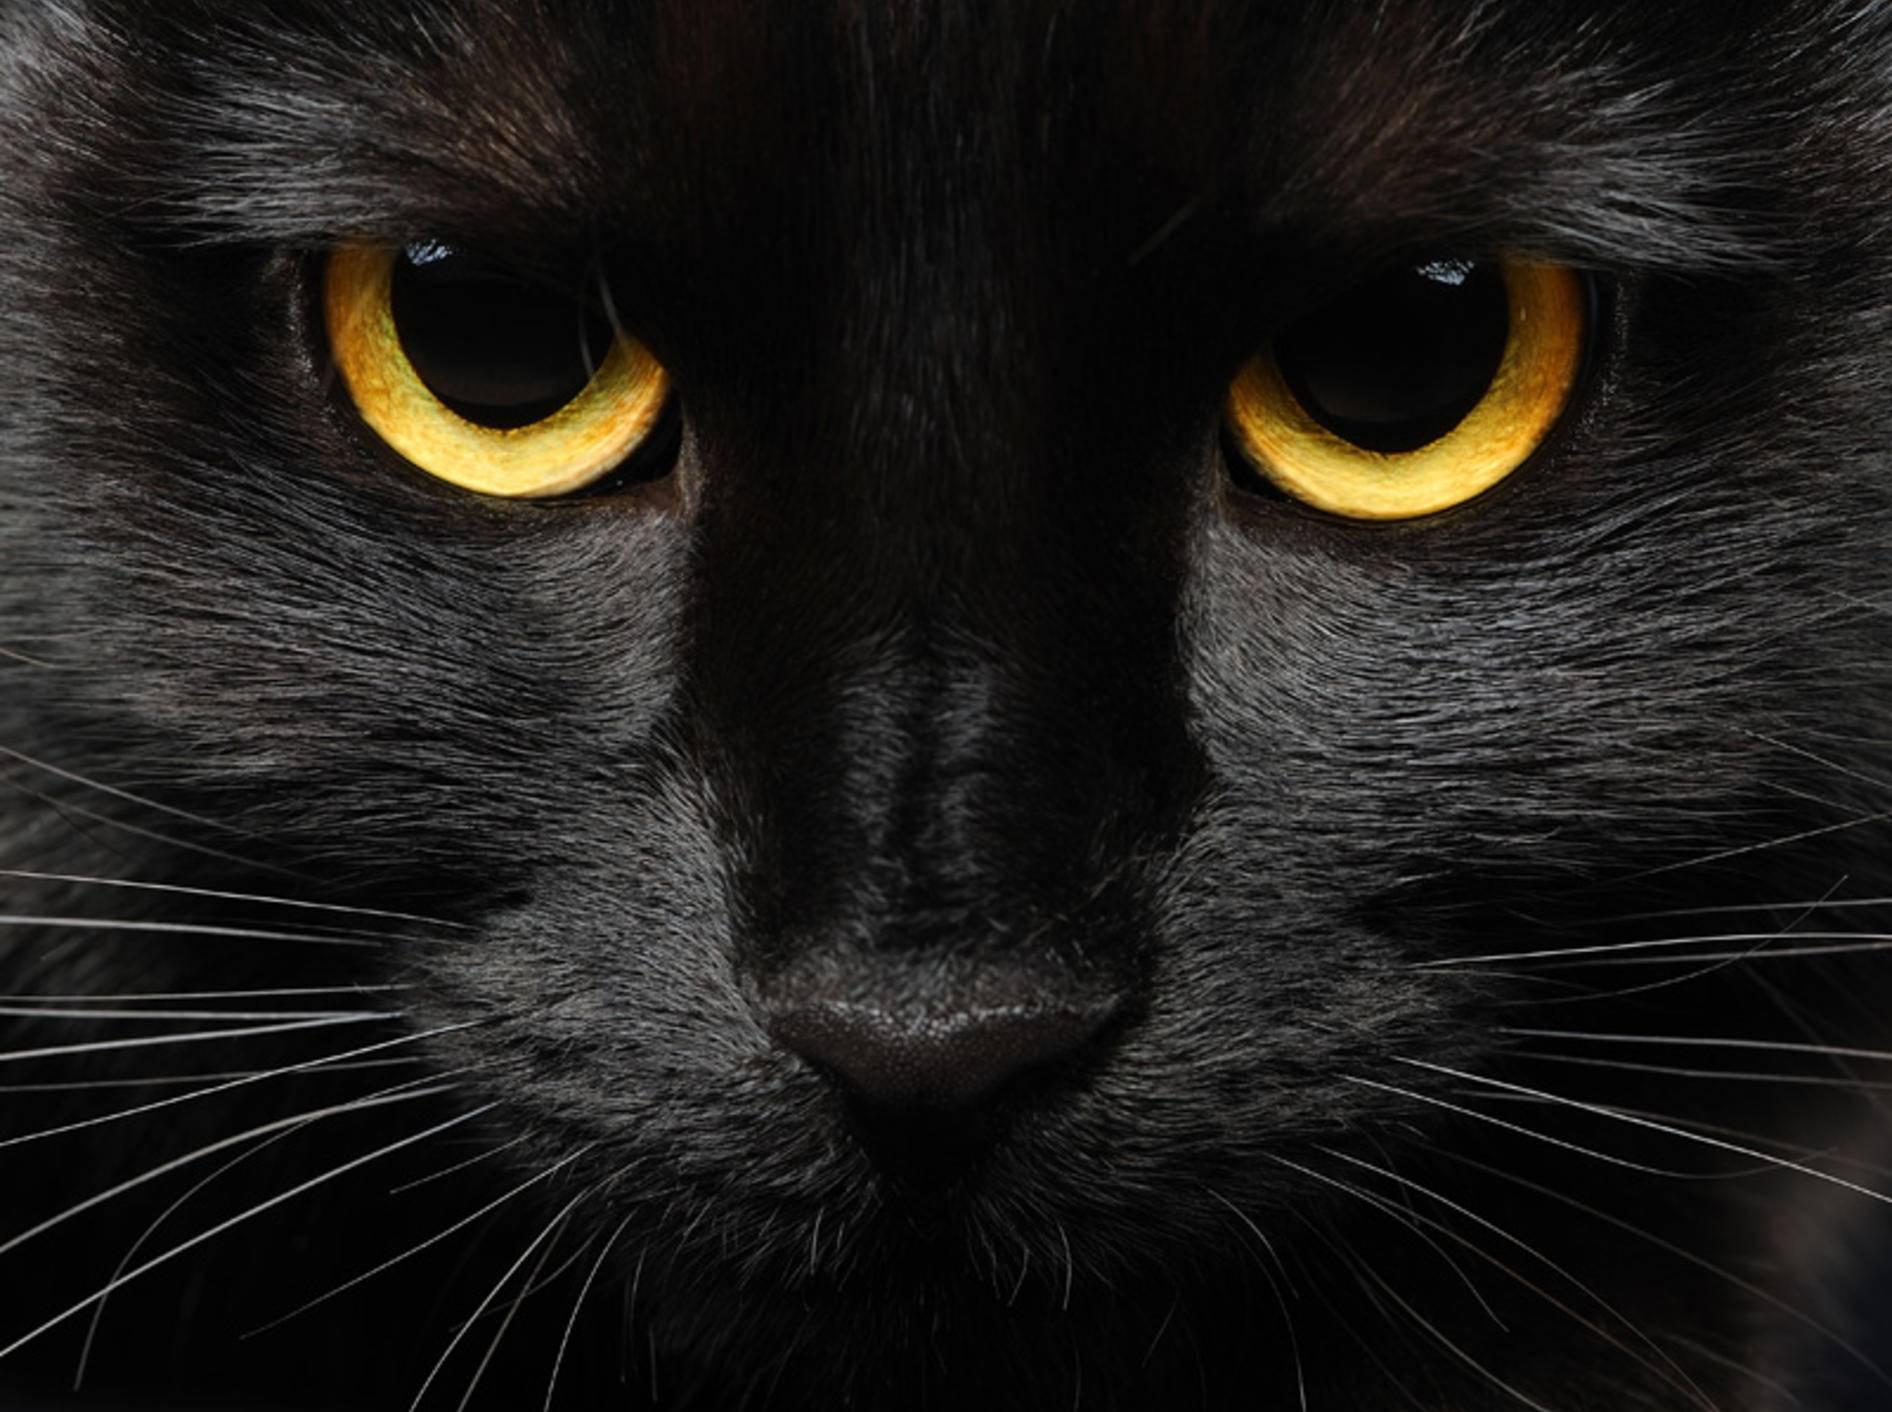 Der schlechte Ruf der schwarzen Katze rührt aus dem Mittelalter - Bild: Shutterstock / Pipalana